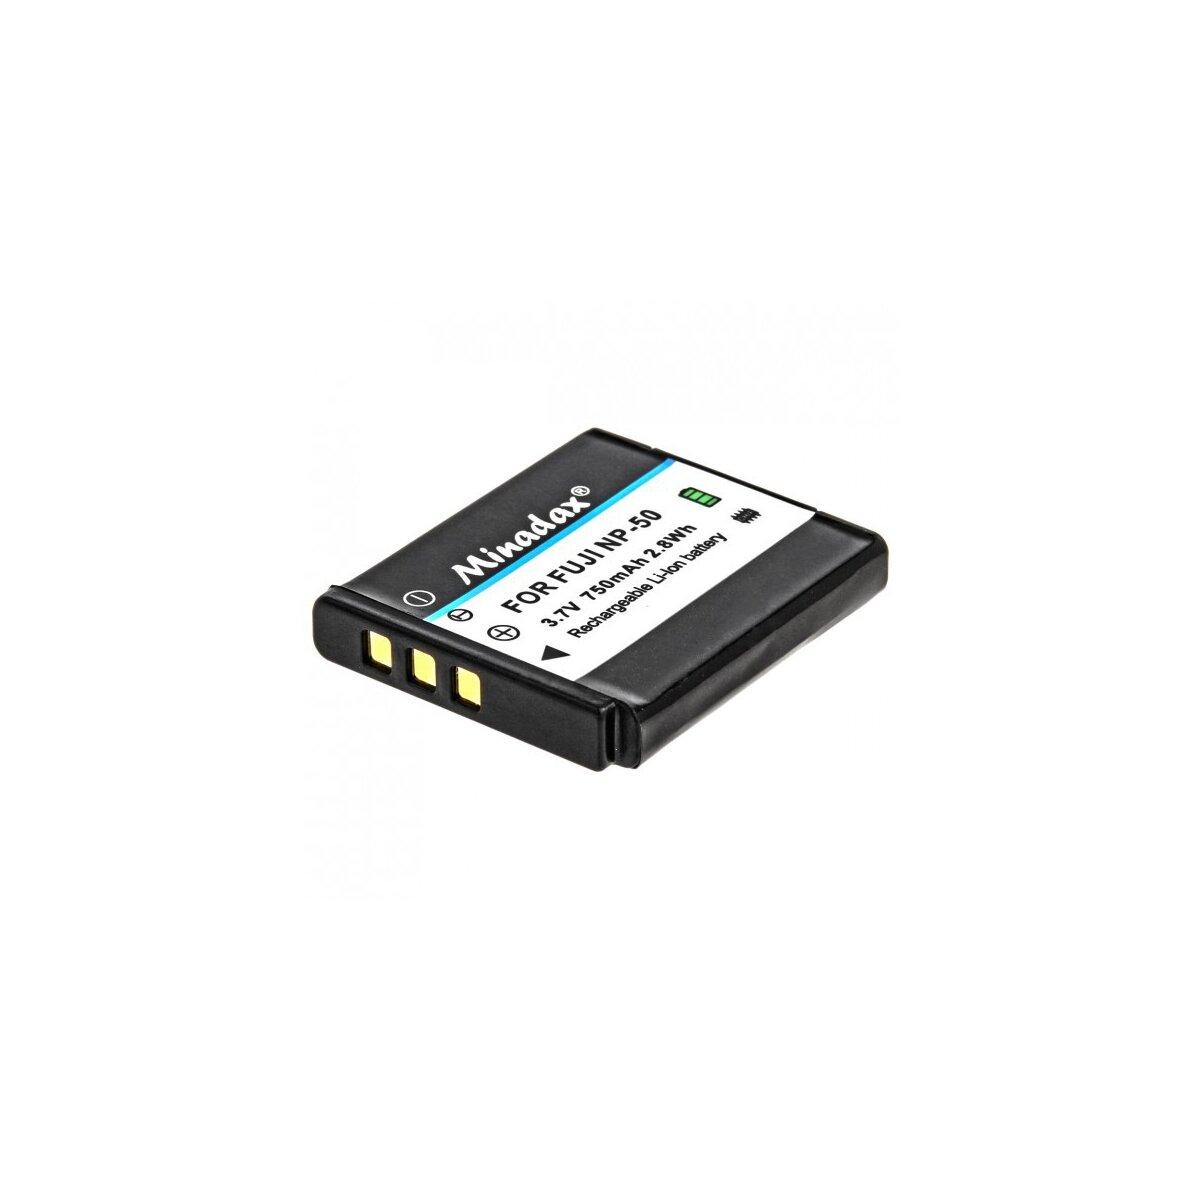 Minadax Akku mit 750 mAh kompatibel für FujiFilm XF1 X20 X10 F900EXR F850EXR F800EXR F770EXR F750EXR F660EXR F600EXR F550EXR F500EXR F300EXR F70EXR Real 3D W3 XP200 XP150 XP100 Ersatz für NP-50